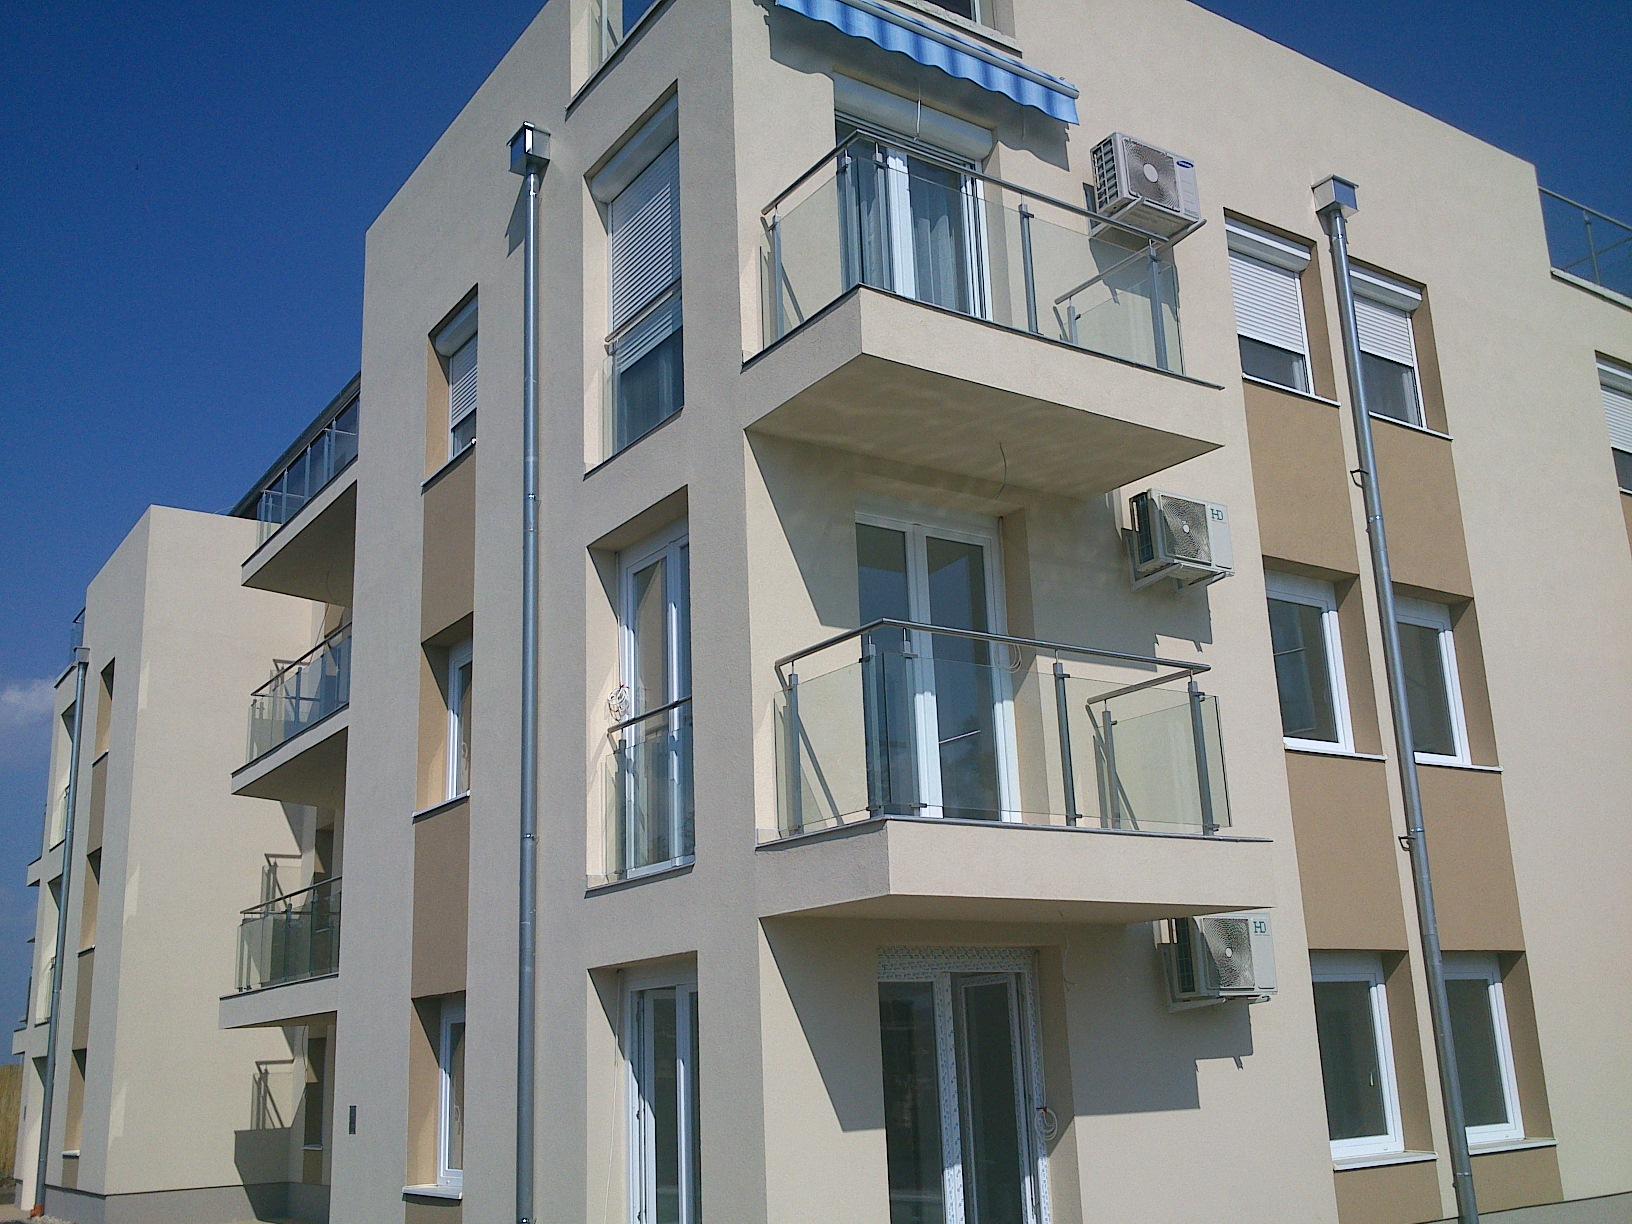 Üvegbetétes inox erkély korlát